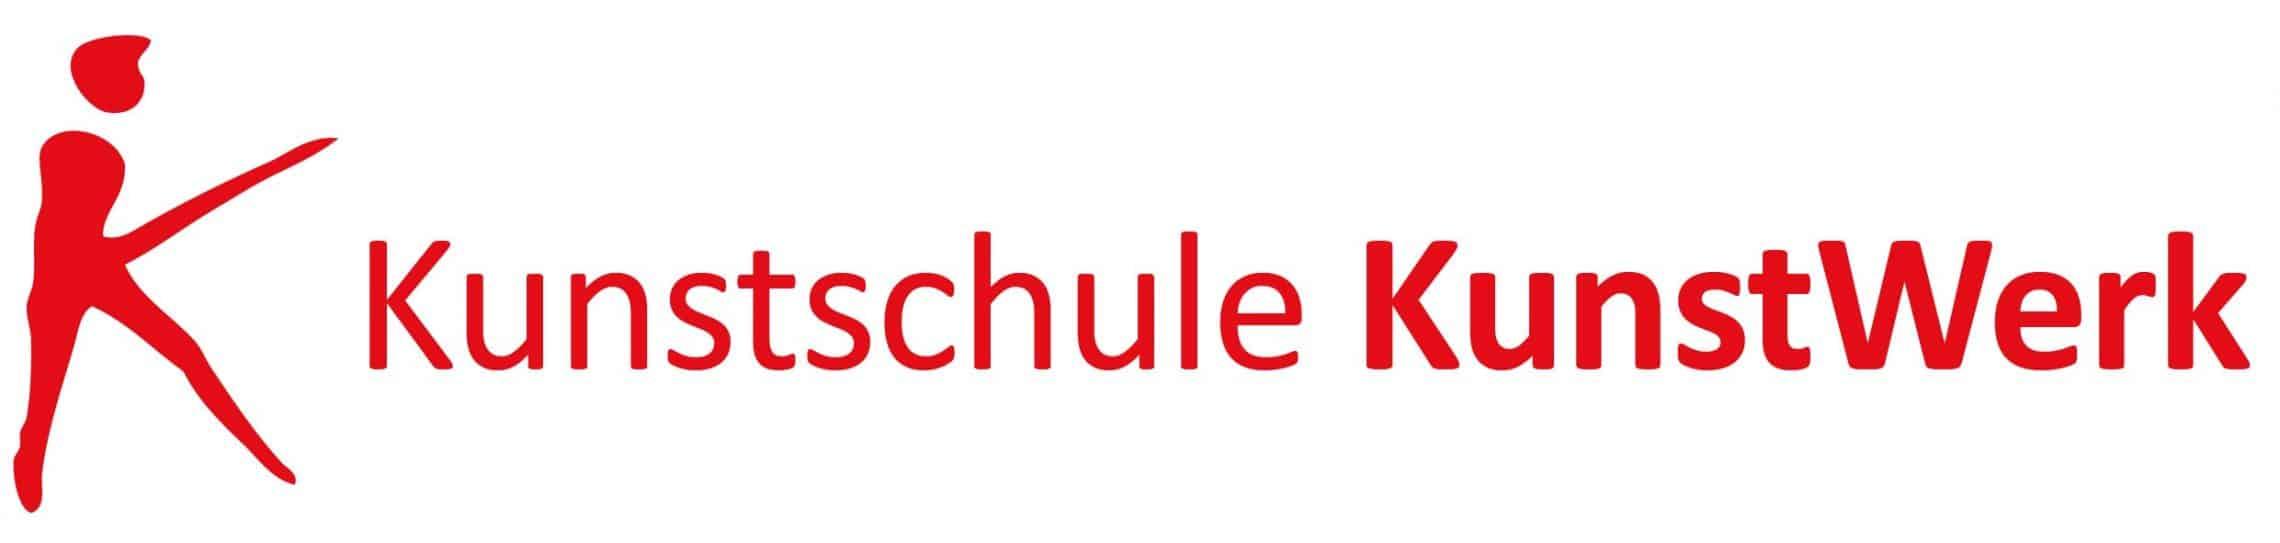 kunstwerk logo - Die Kunstschule - KunstWerk in der Südstadt